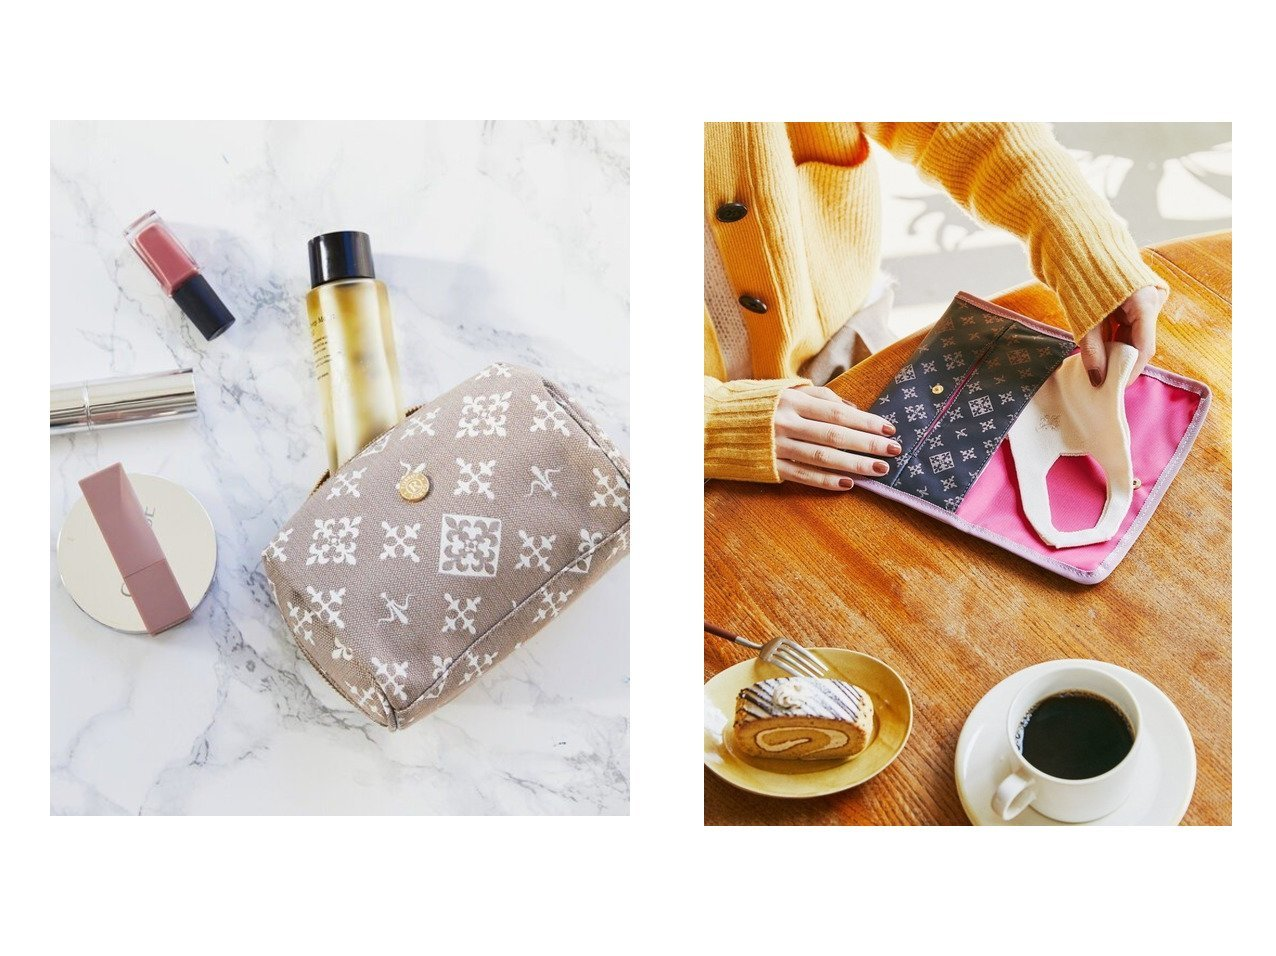 【russet/ラシット】の制菌マスクポーチ(Z-003)&スクエアポーチ【コットンジャガード】(Z-030) russetのおすすめ!人気、トレンド・レディースファッションの通販 おすすめで人気の流行・トレンド、ファッションの通販商品 メンズファッション・キッズファッション・インテリア・家具・レディースファッション・服の通販 founy(ファニー) https://founy.com/ ファッション Fashion レディースファッション WOMEN 財布 Wallets ポーチ Pouches 今季 軽量 スクエア 財布 トラベル 定番 Standard ポケット ポーチ 送料無料 Free Shipping 抗菌 フロント |ID:crp329100000018612